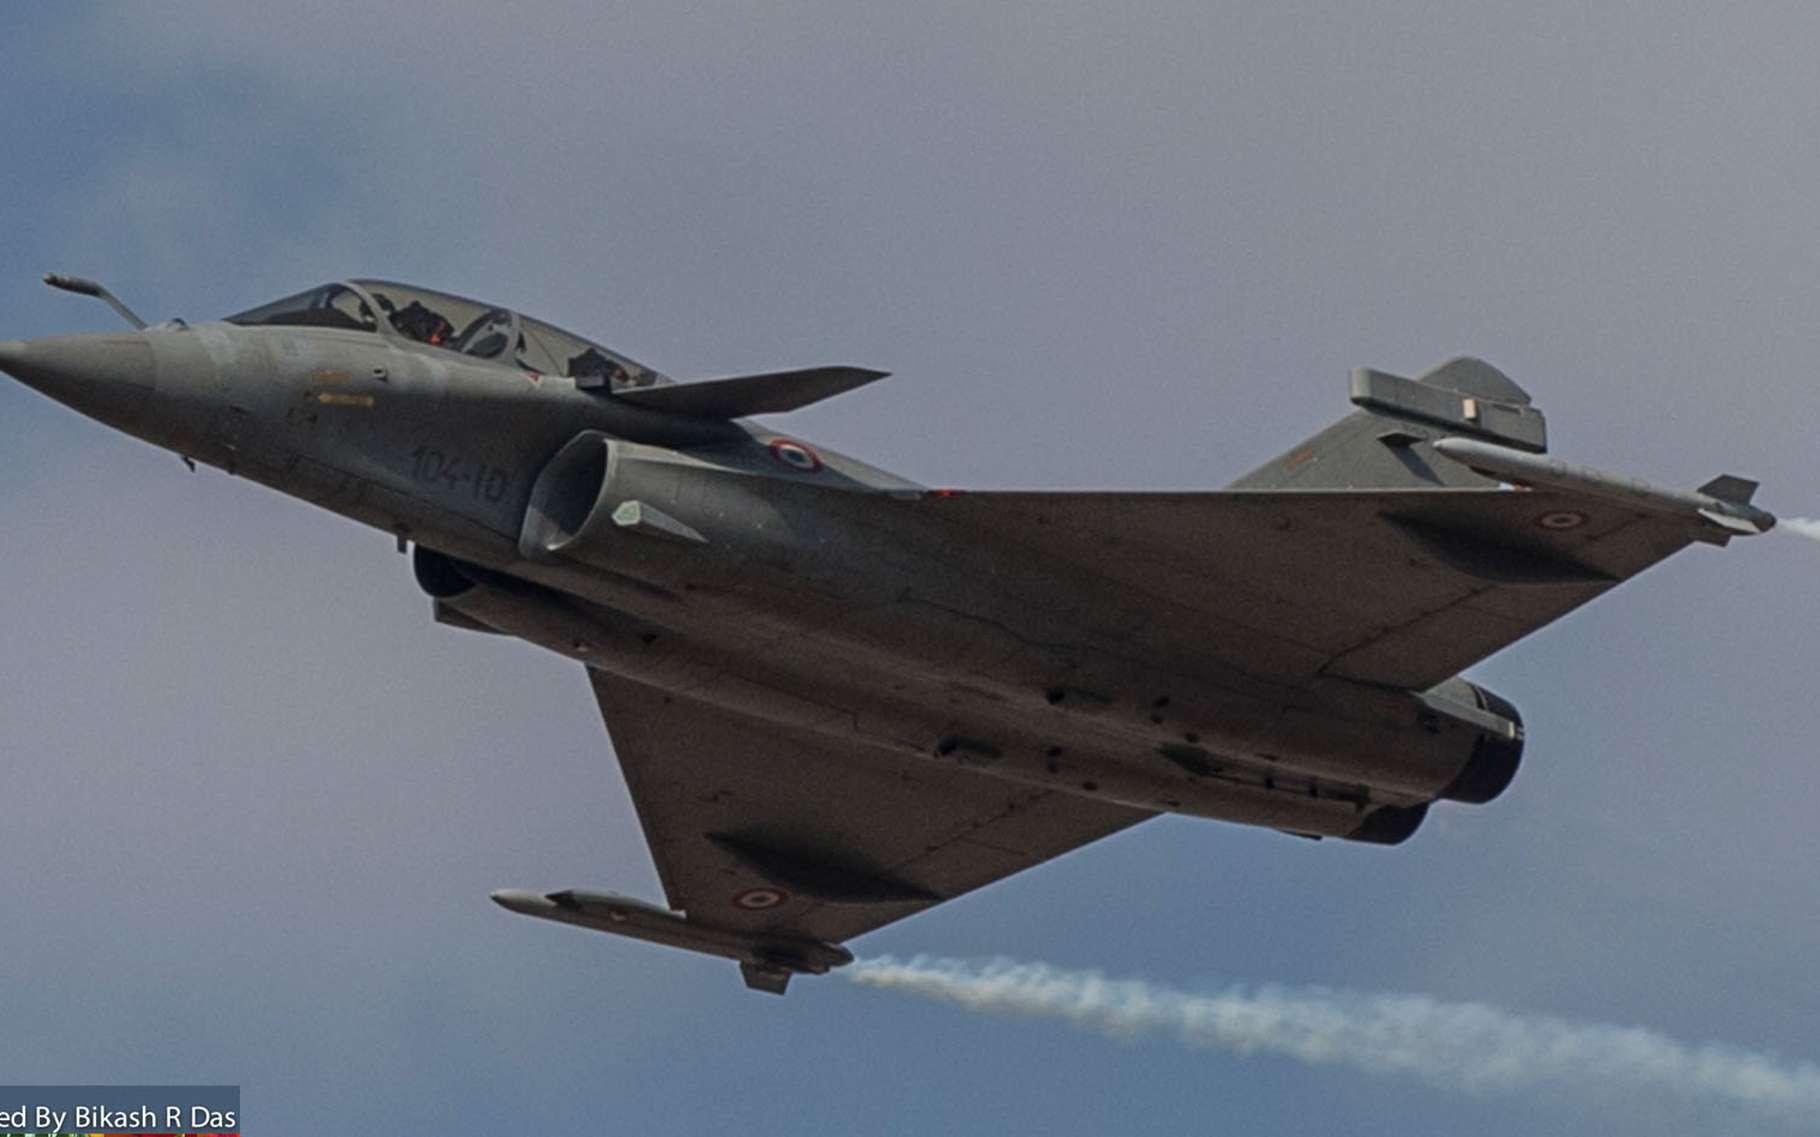 Le Rafale comprend une aile delta avec des canards à couplage rapproché, cela garantit un large éventail de positions de centre de gravité pour toutes les conditions de vol. © Dassault Rafale, Bikash Das, Wikimedia commons, CC 2.0